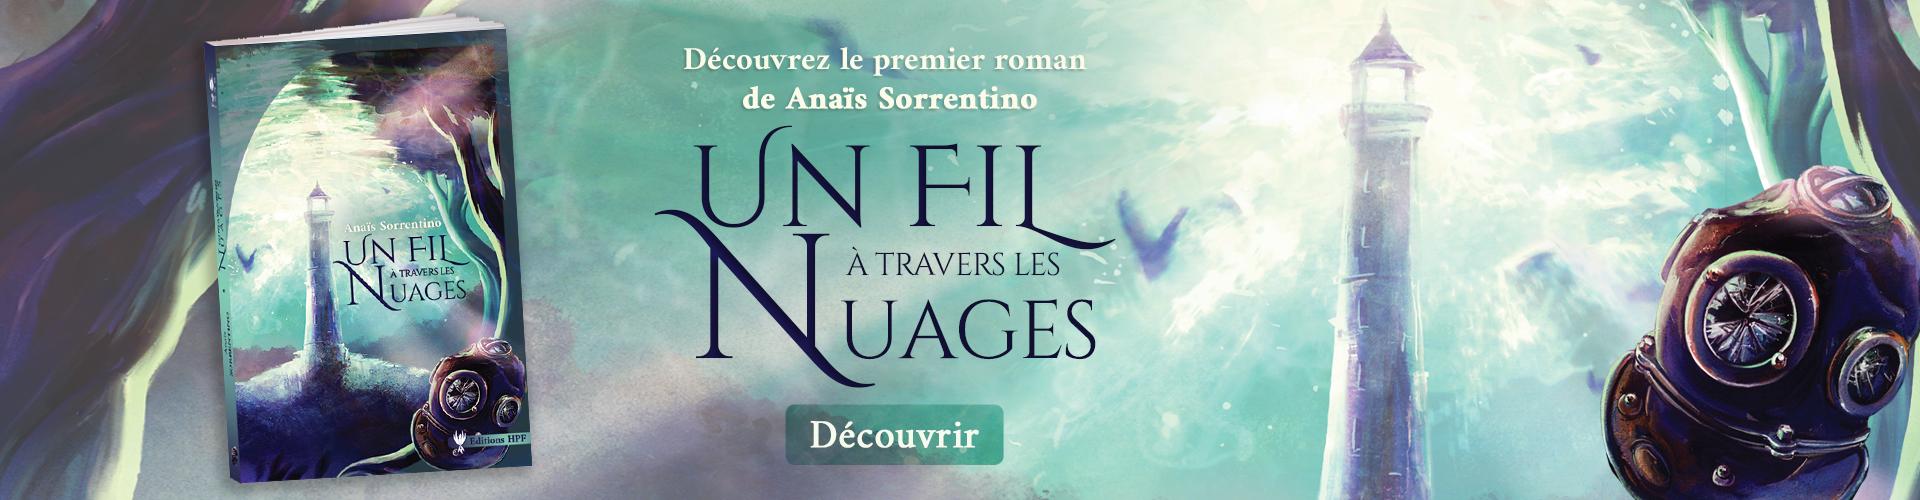 Découvrez le premier roman de Anaïs Sorrentino !